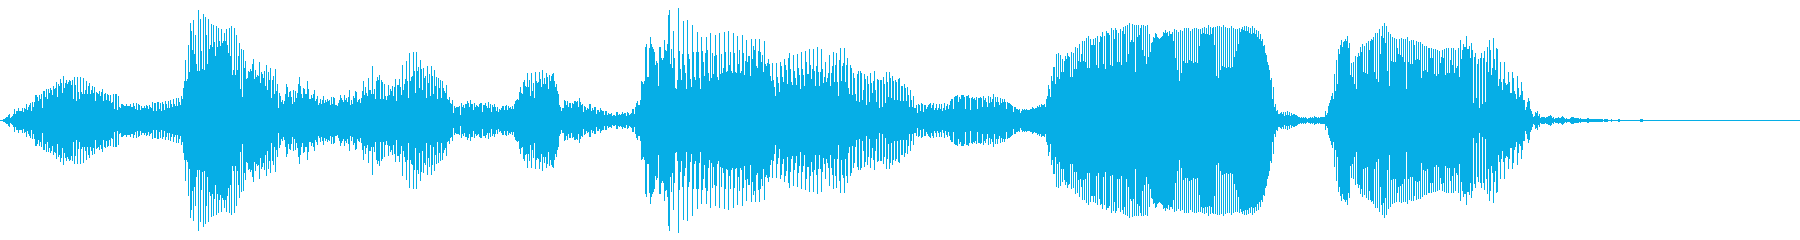 今すぐダウンロード (元気な声、早め)の再生済みの波形